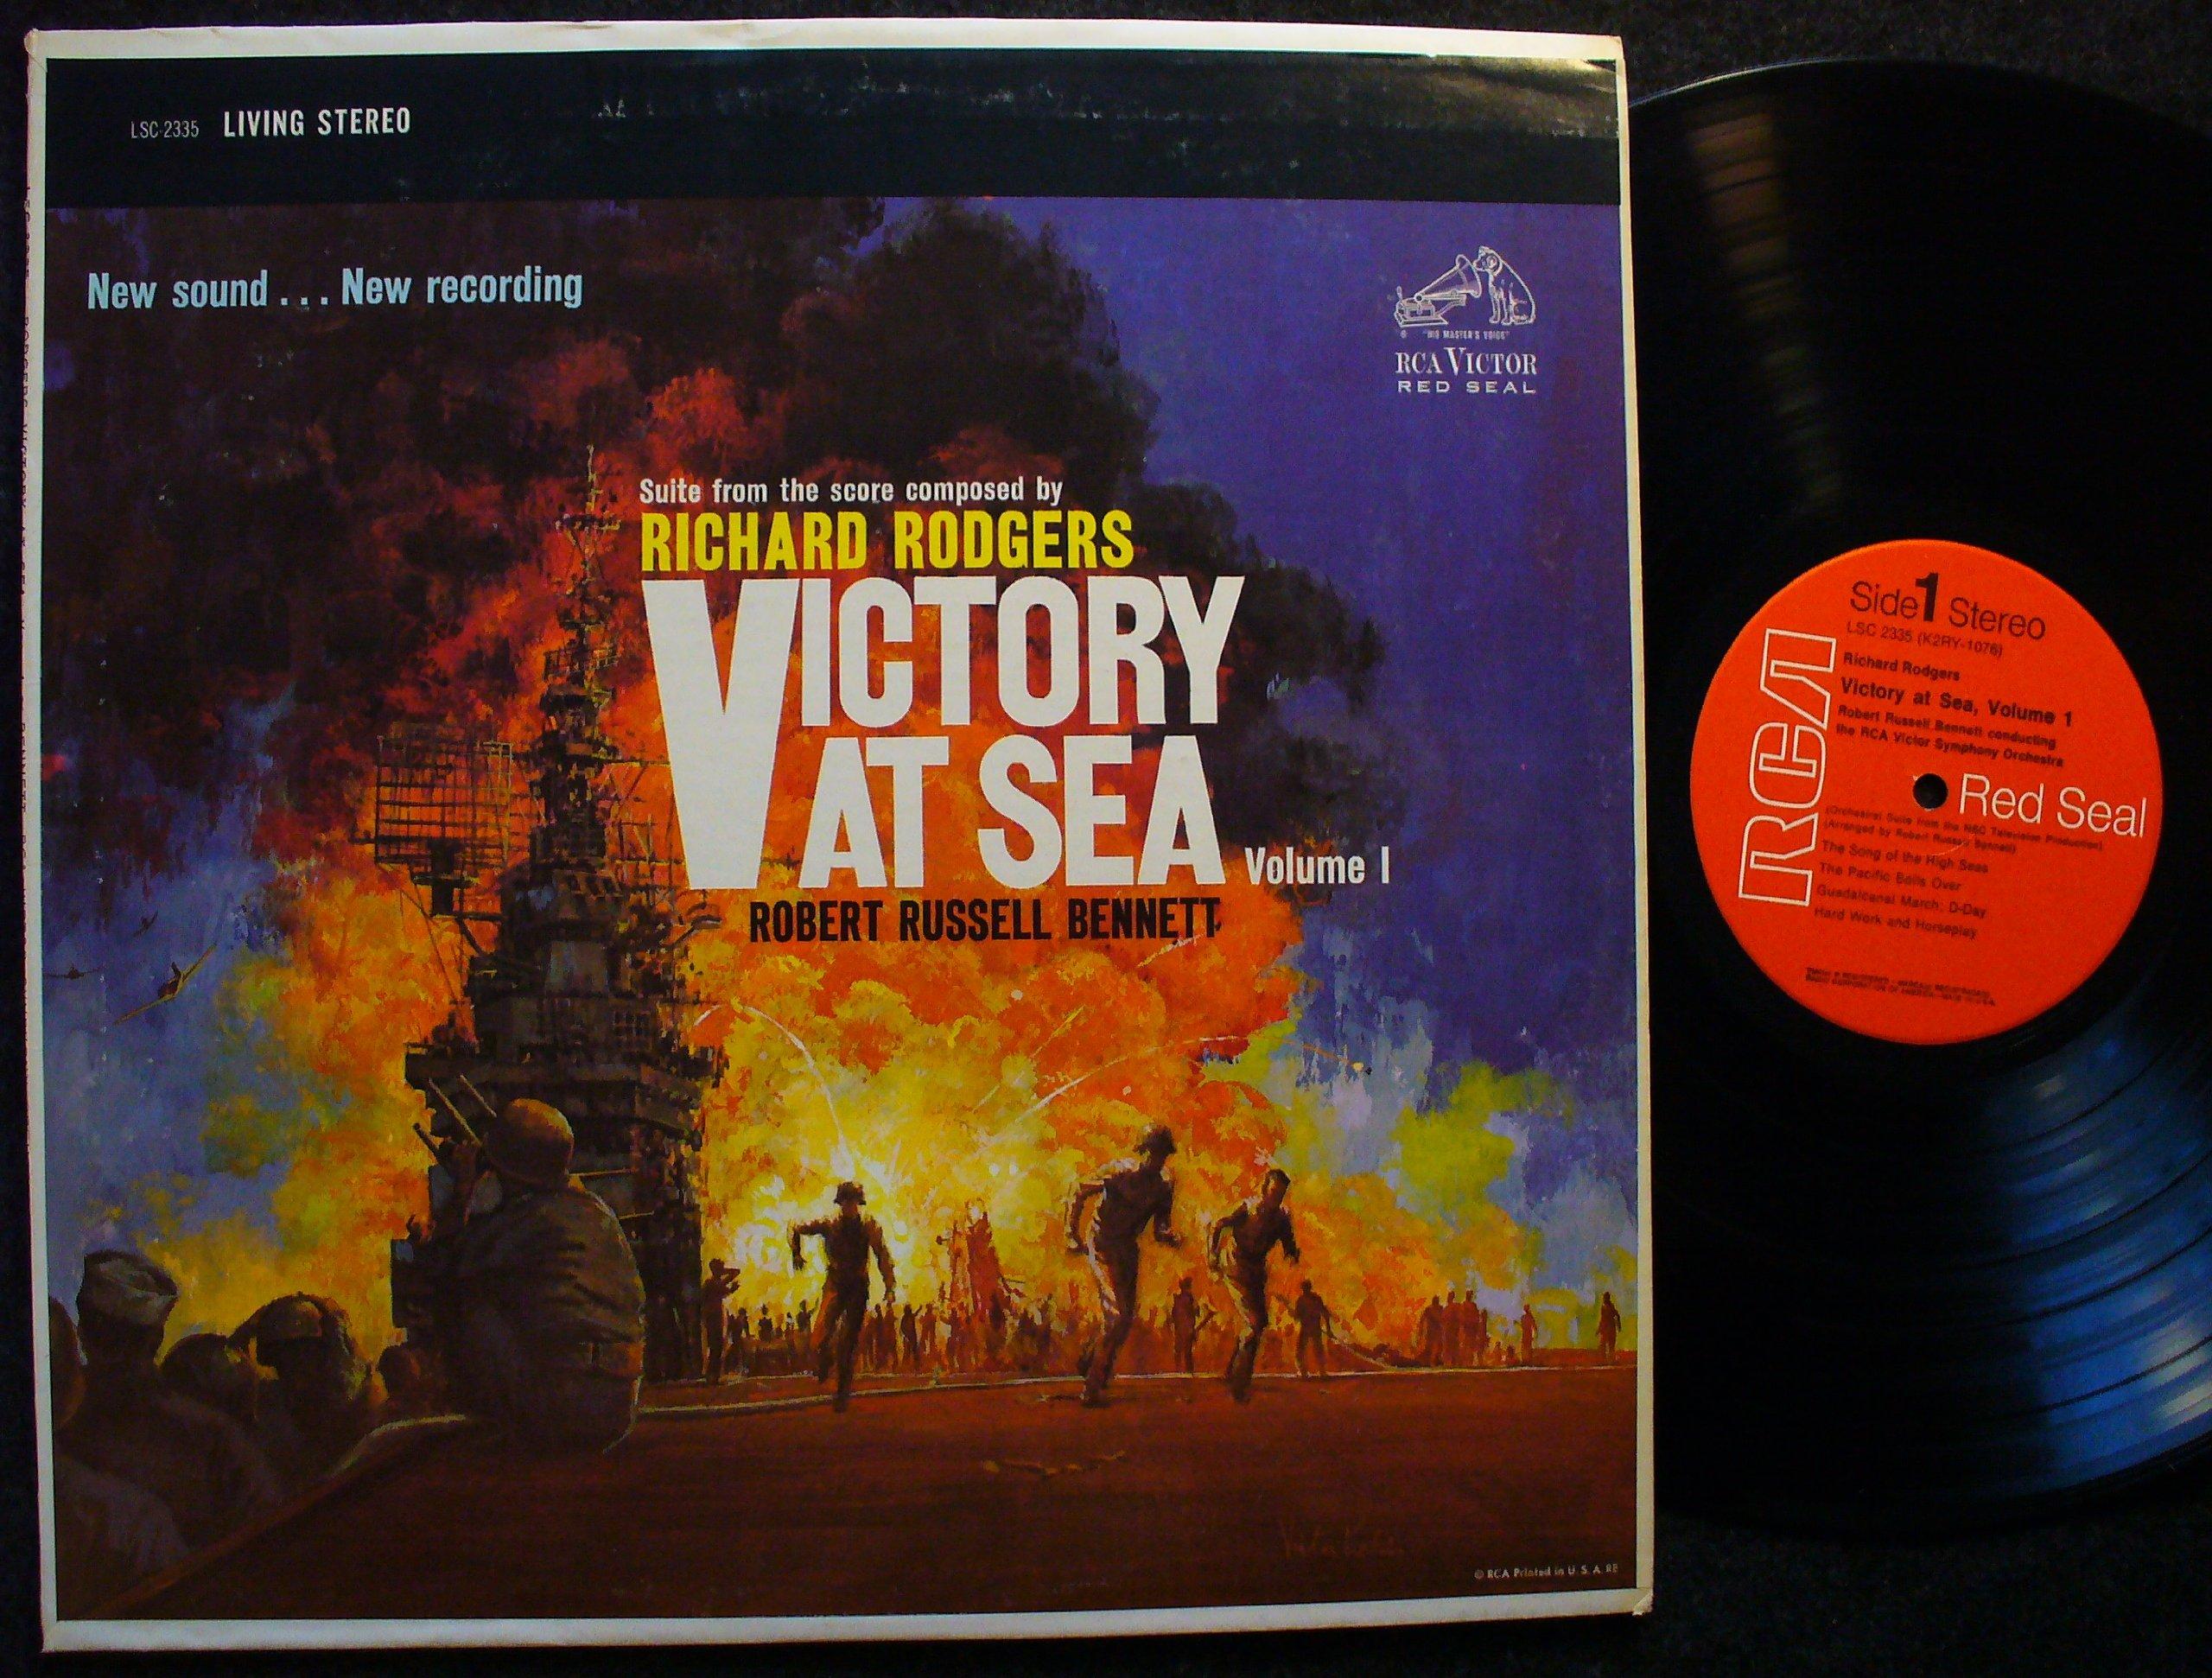 Victoria en el mar vol. 1